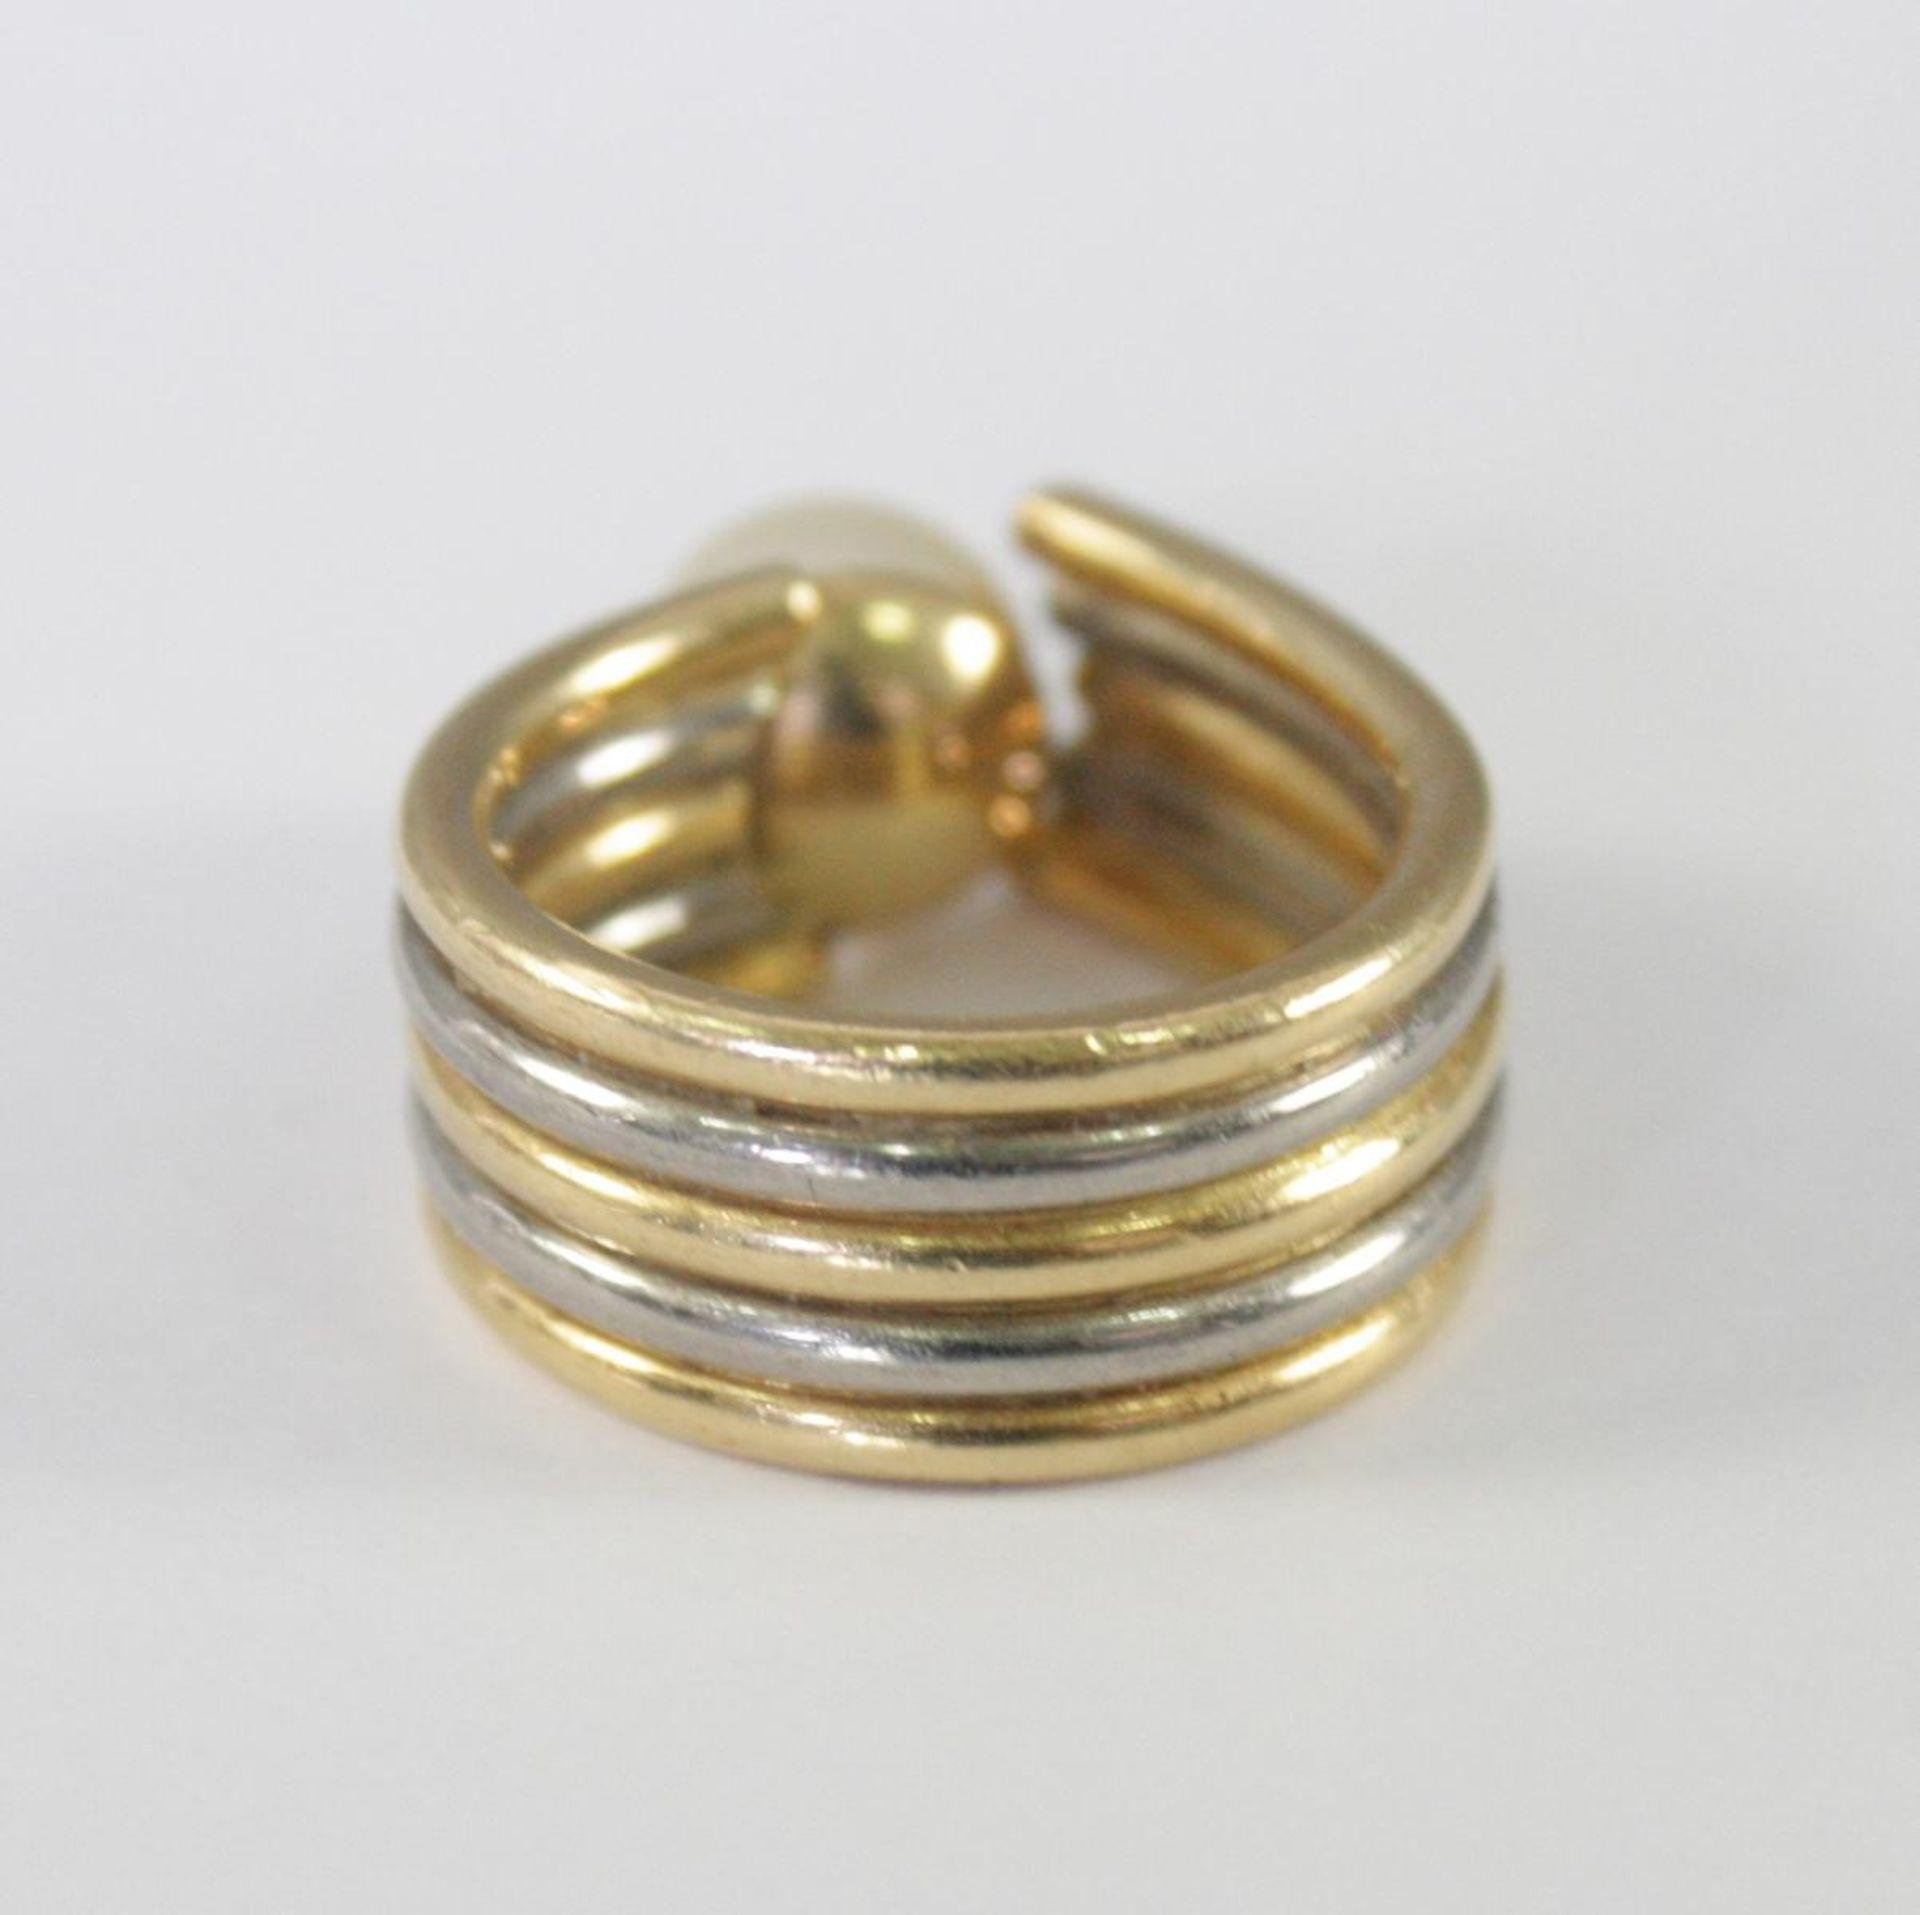 Damenring mit Perle und Diamanten, 18 Karat Gelb- und Weißgold - Bild 4 aus 4